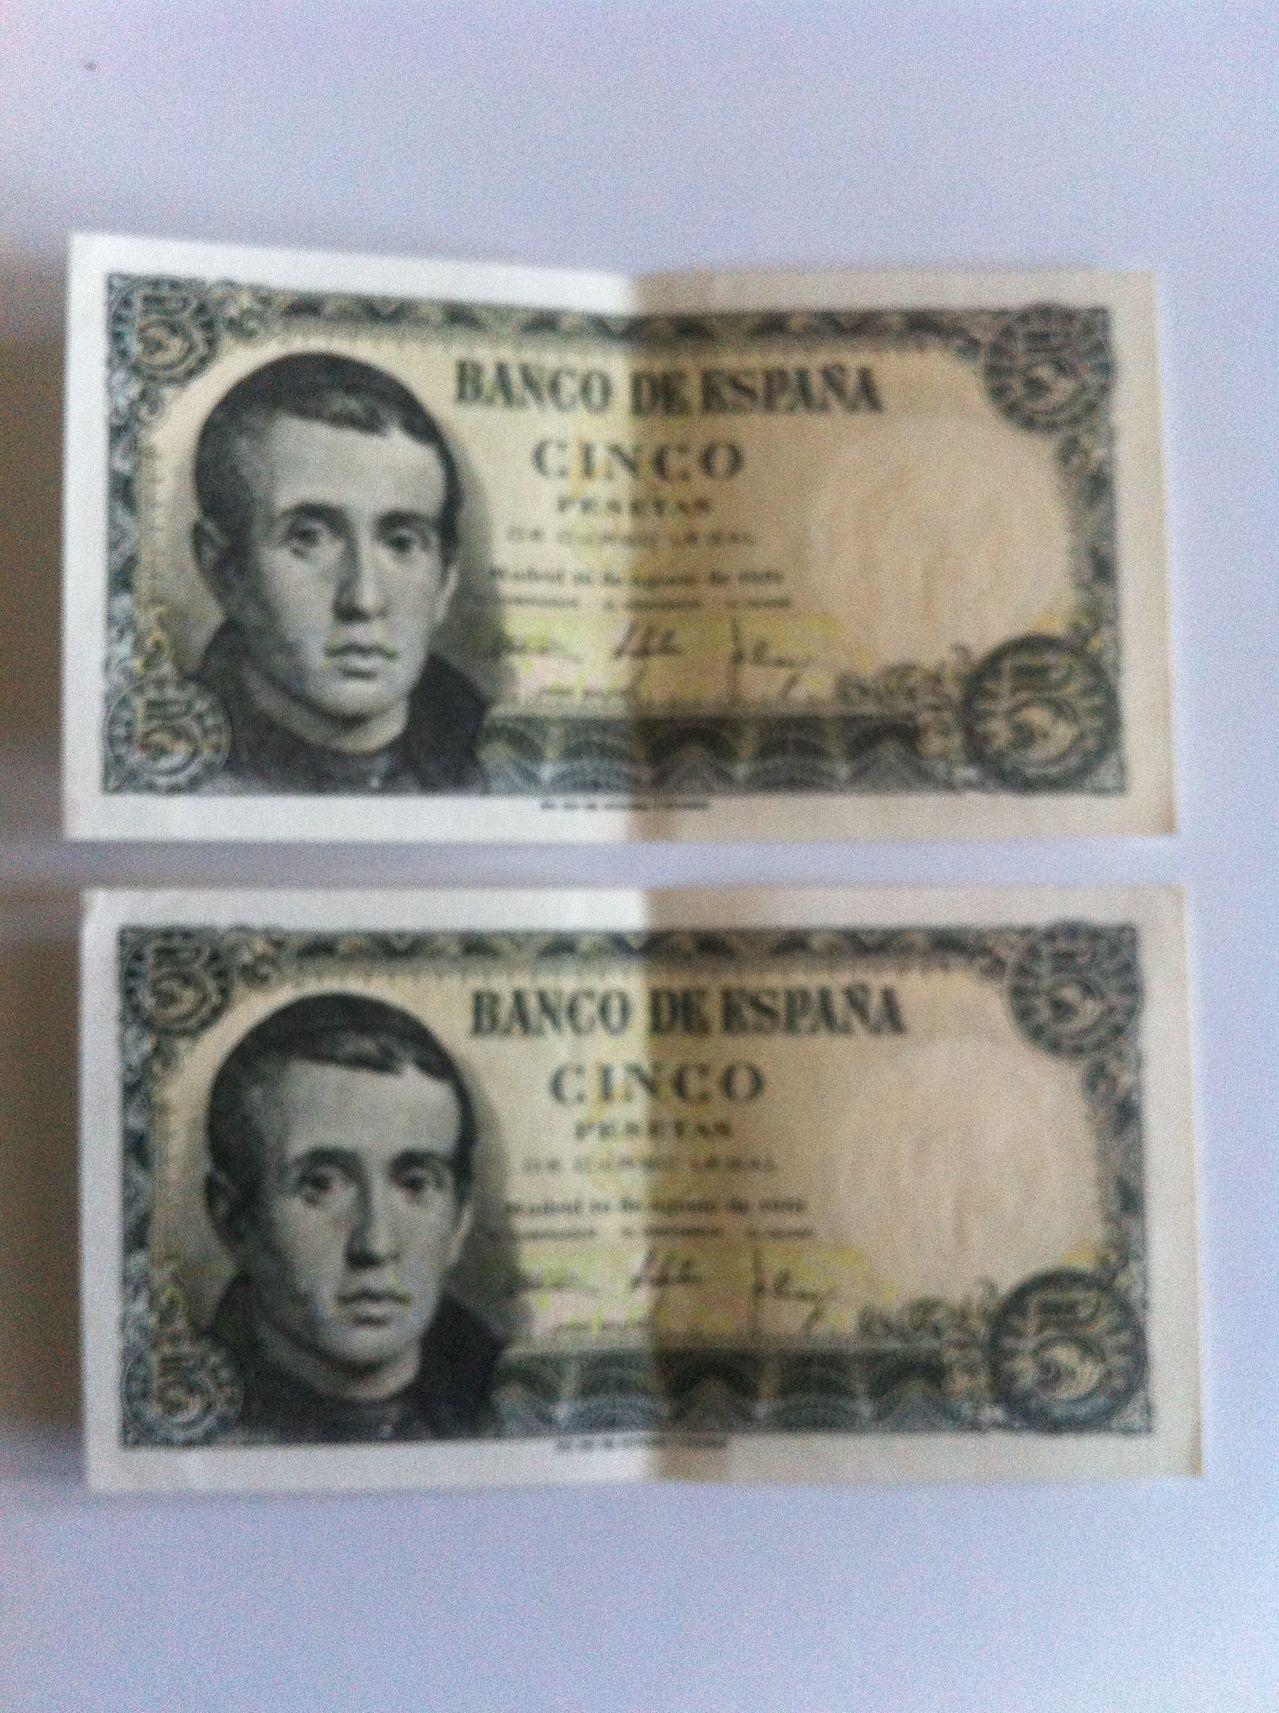 Ayuda para valorar coleccion de billetes IMG_4958